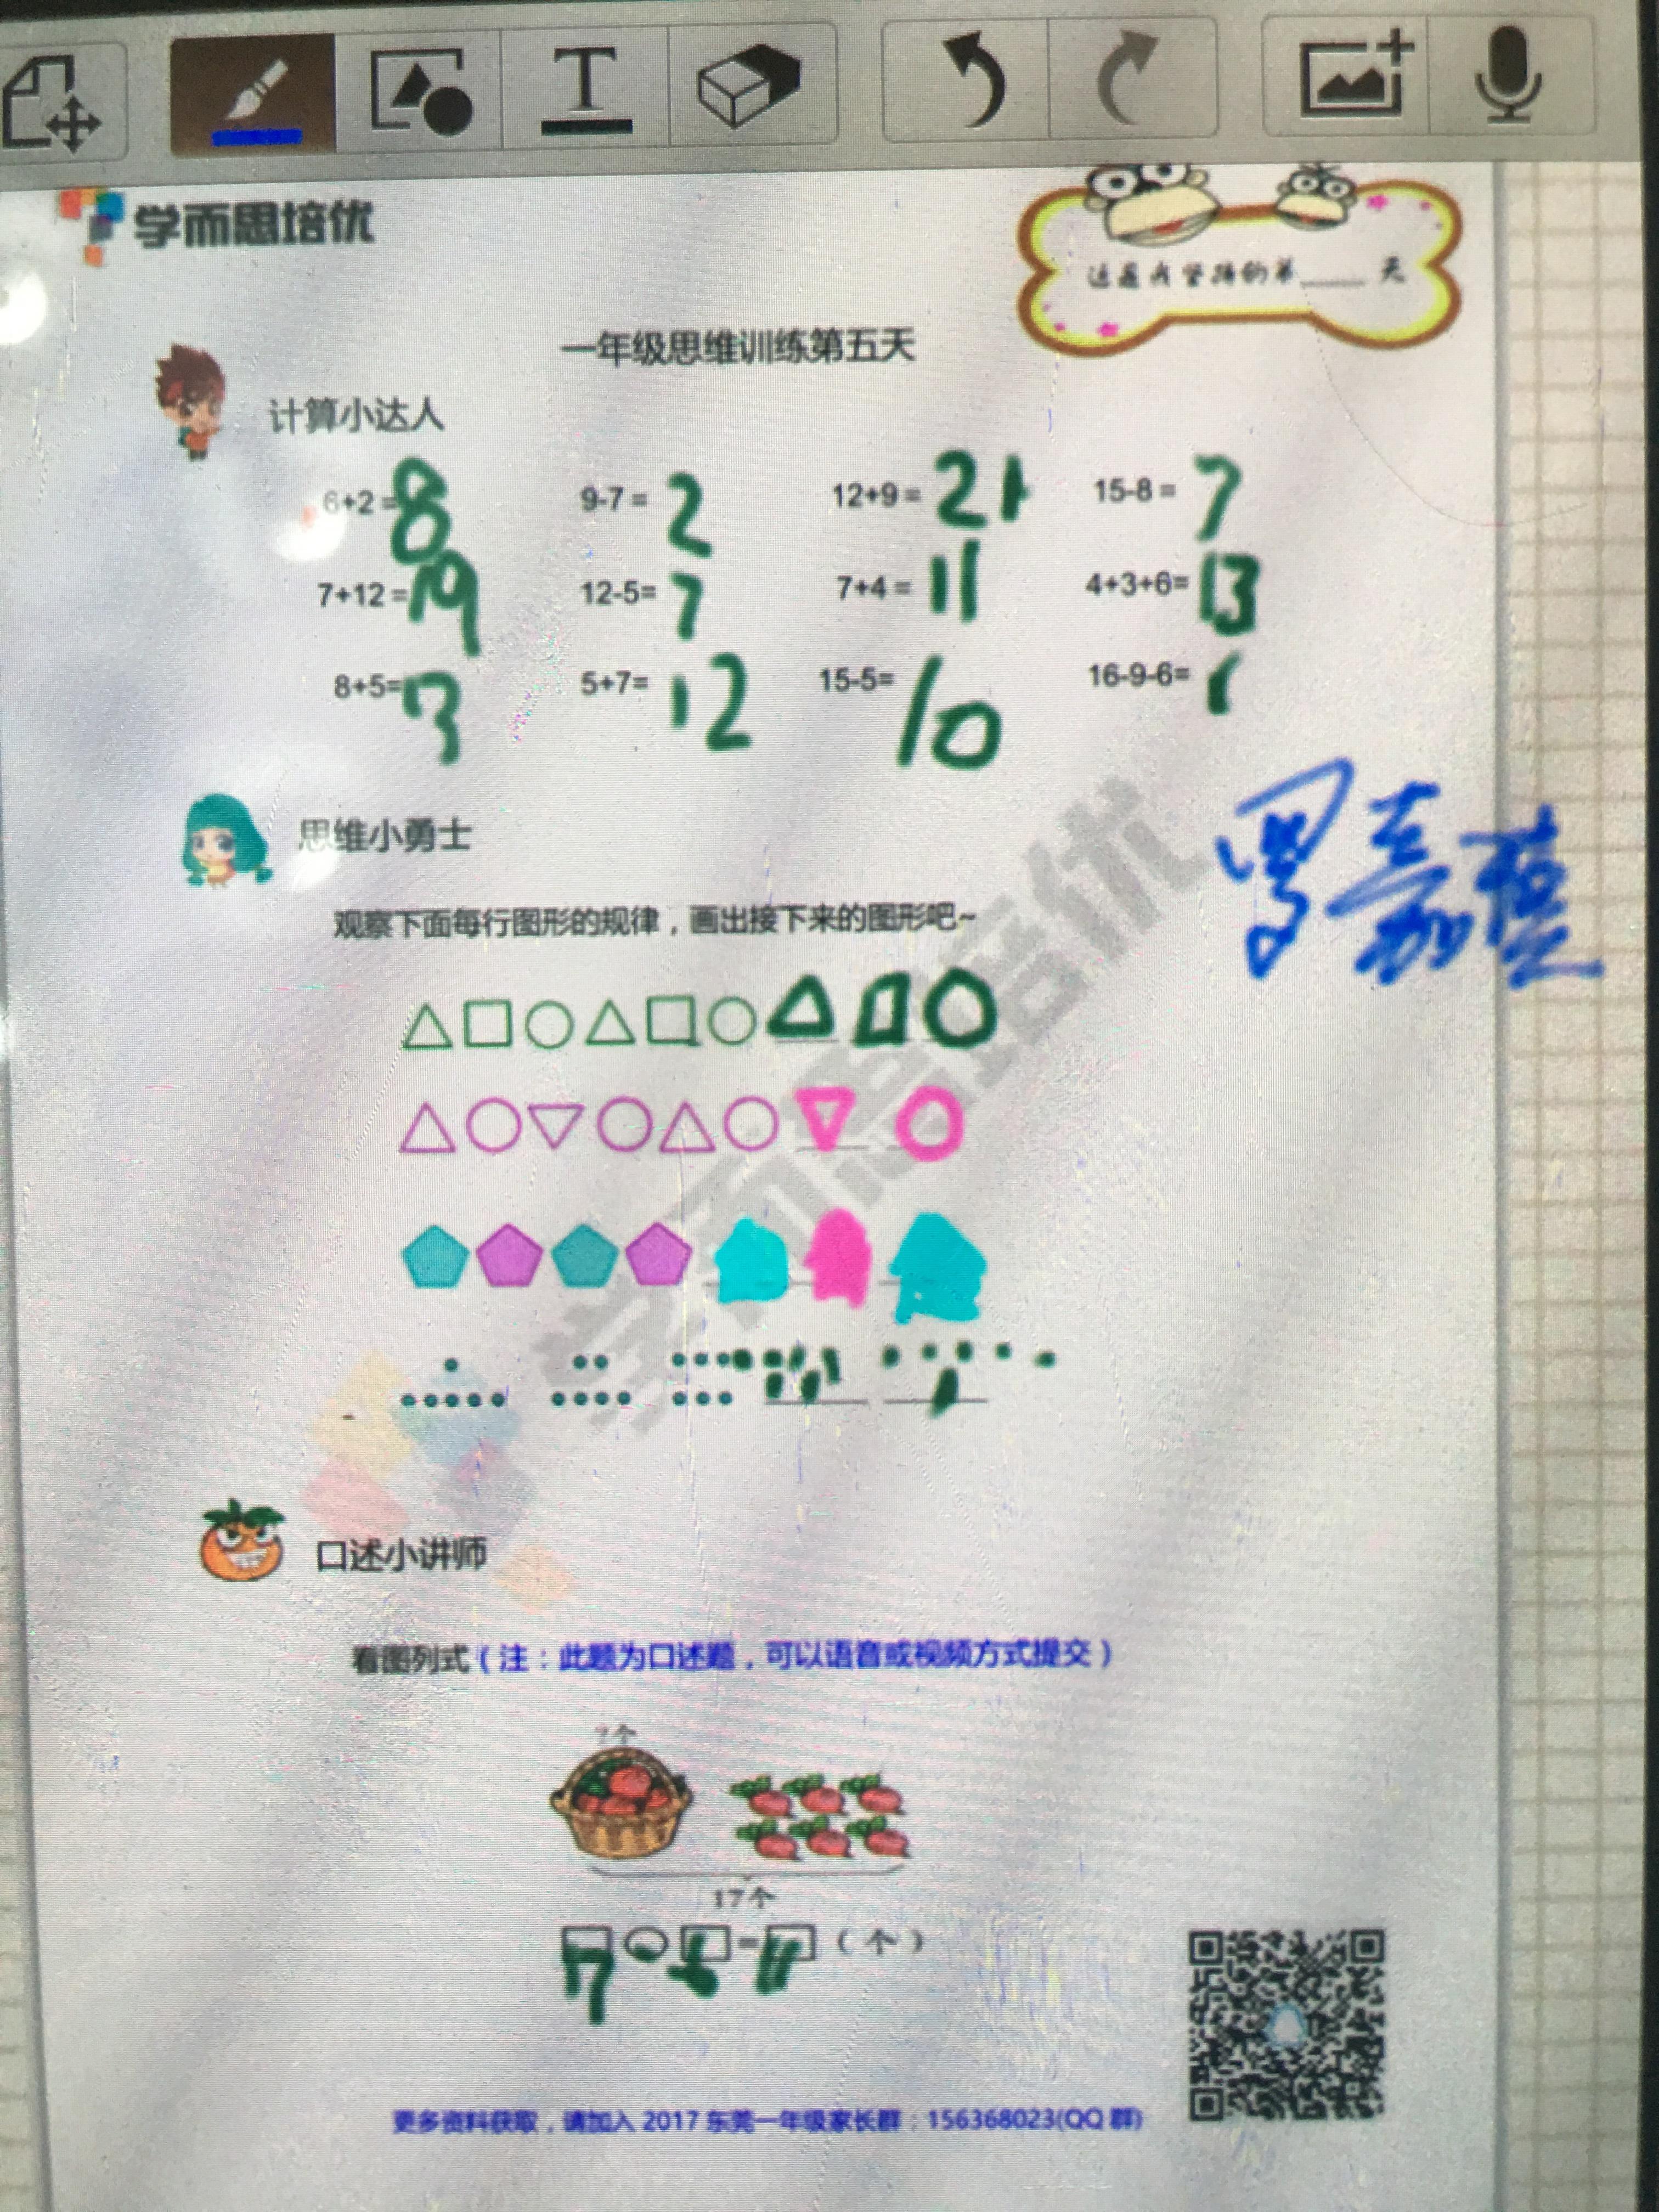 4E1F02A3-4F42-426C-9E14-4391F8E22650.jpg